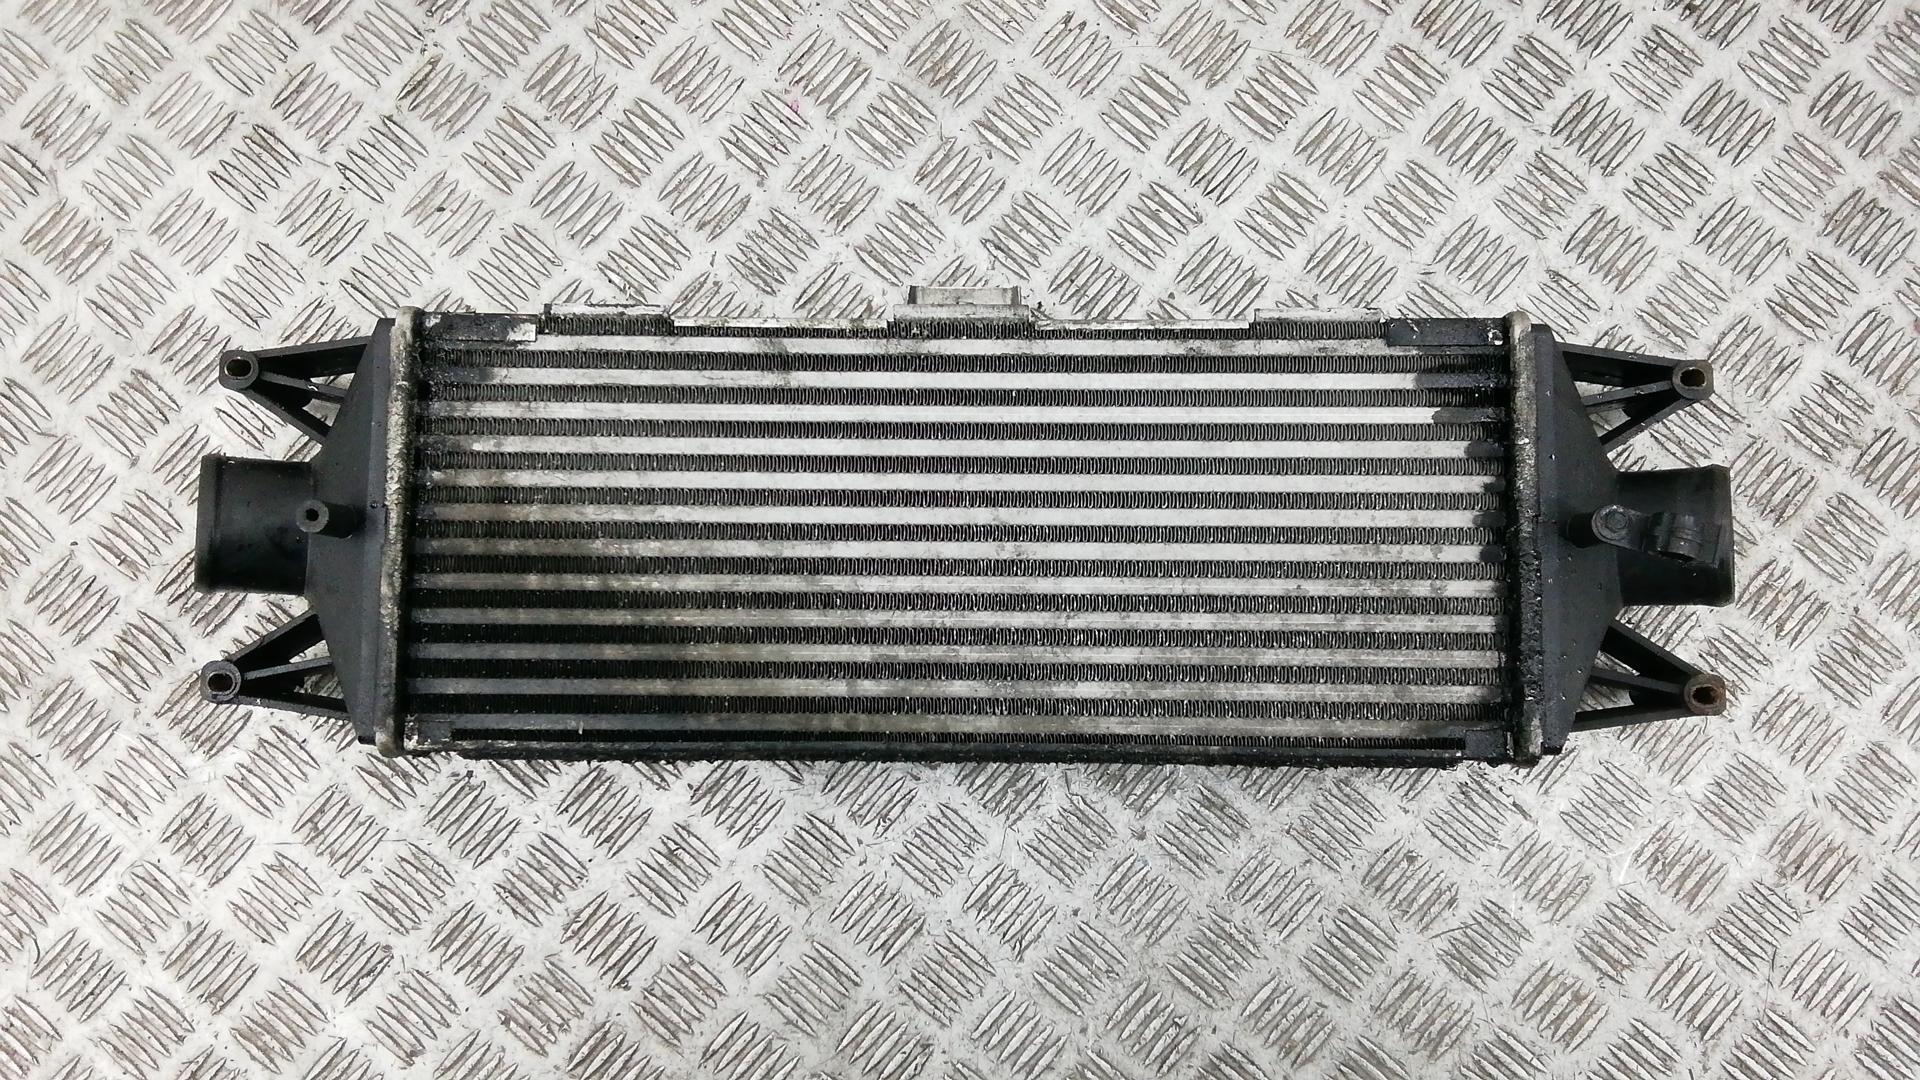 Радиатор интеркуллера, IVECO, DAILY 4 (29S-40S), 2007